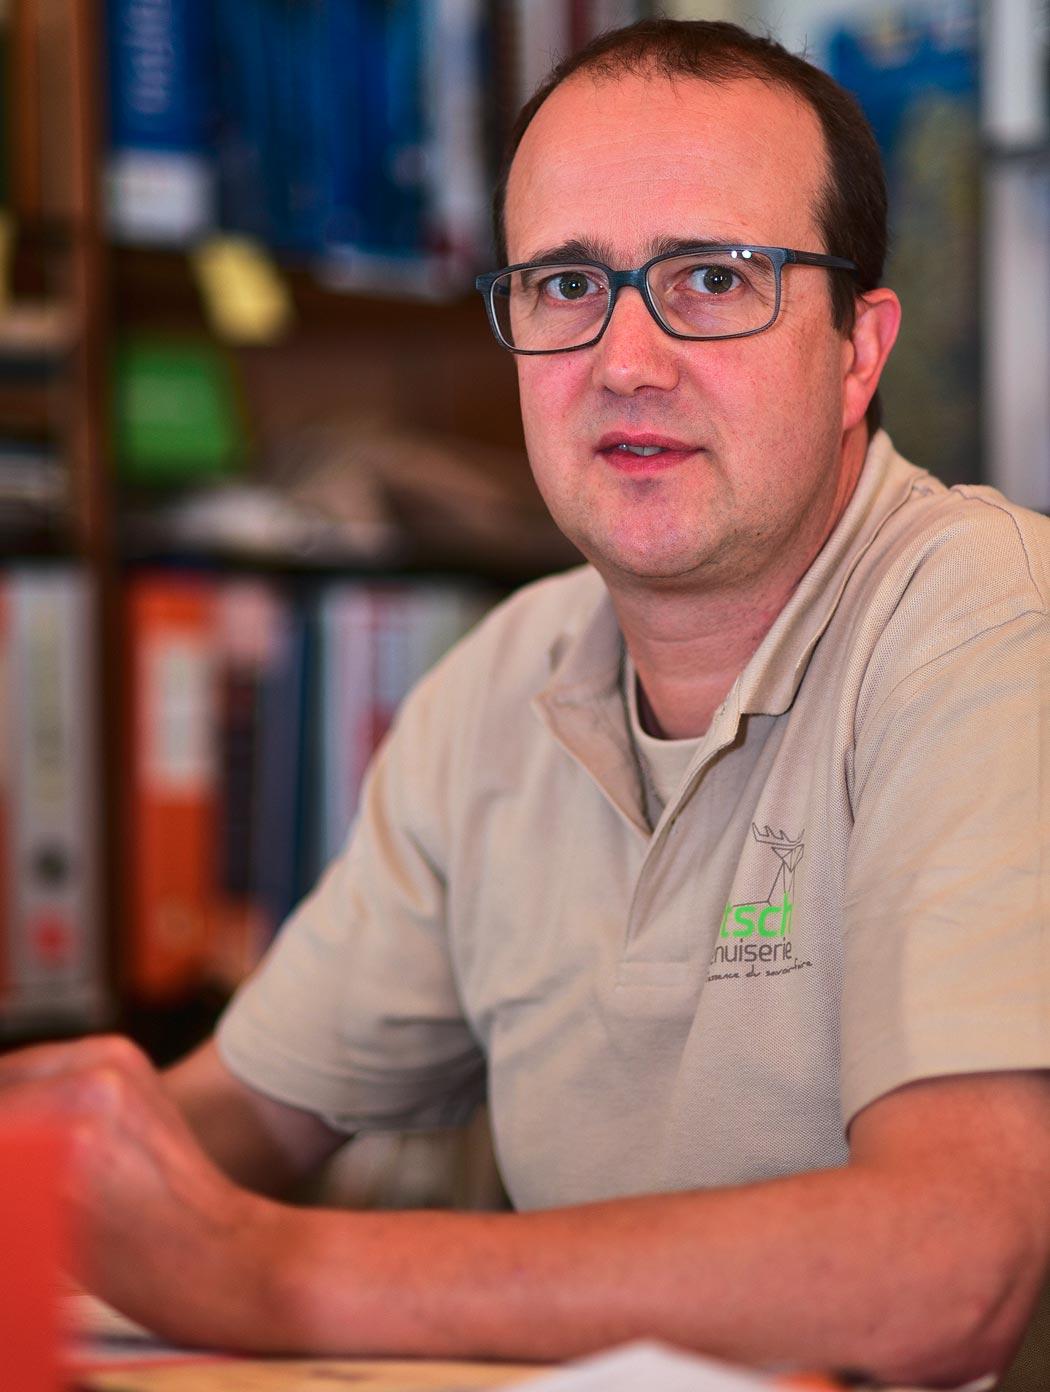 Michel - Maître ébéniste, chargé d'affaires